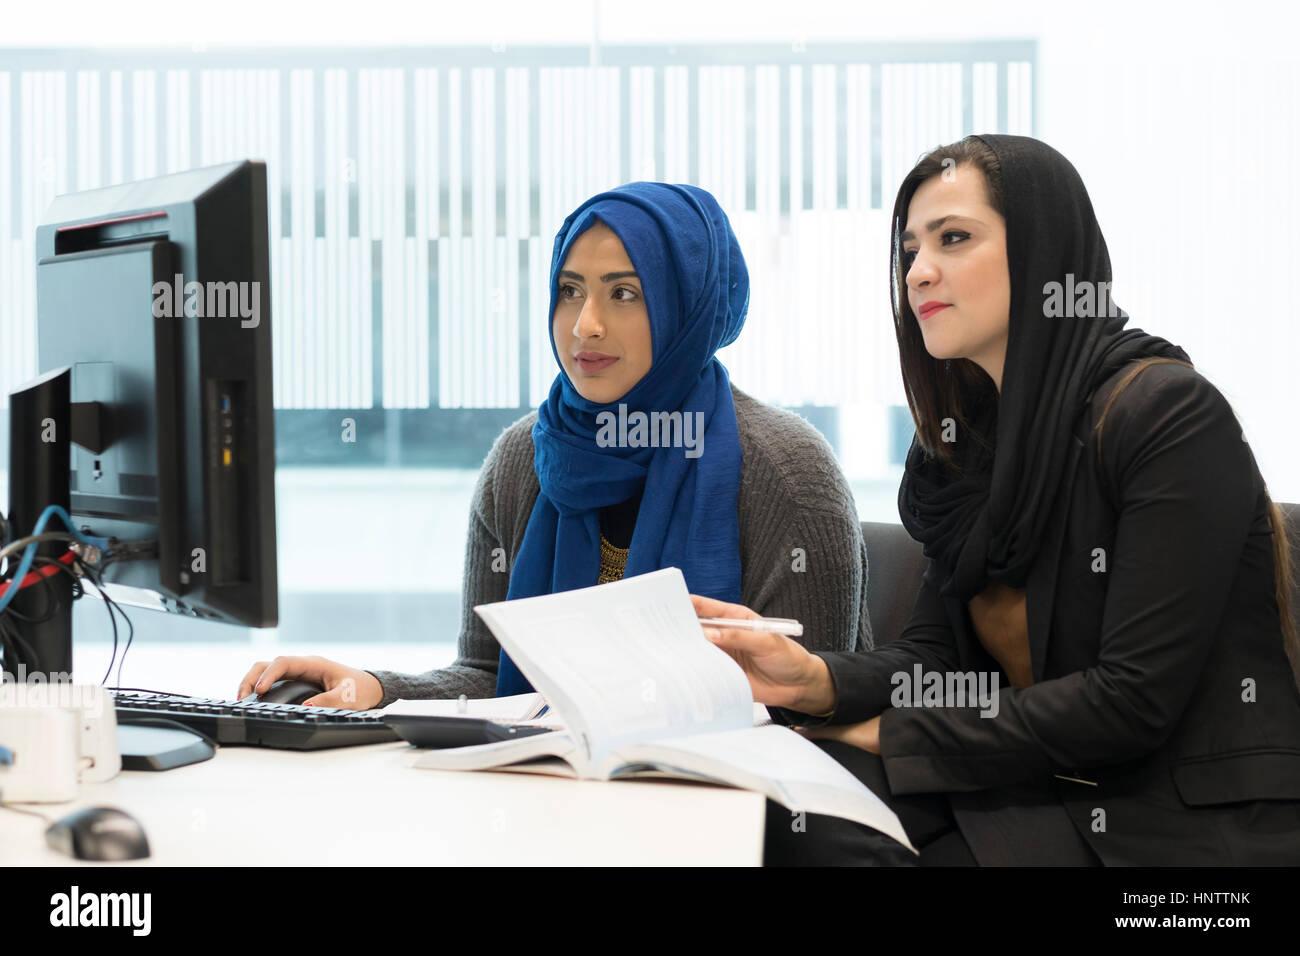 Studenten im universitären Umfeld, mit Computern arbeiten. Stockbild